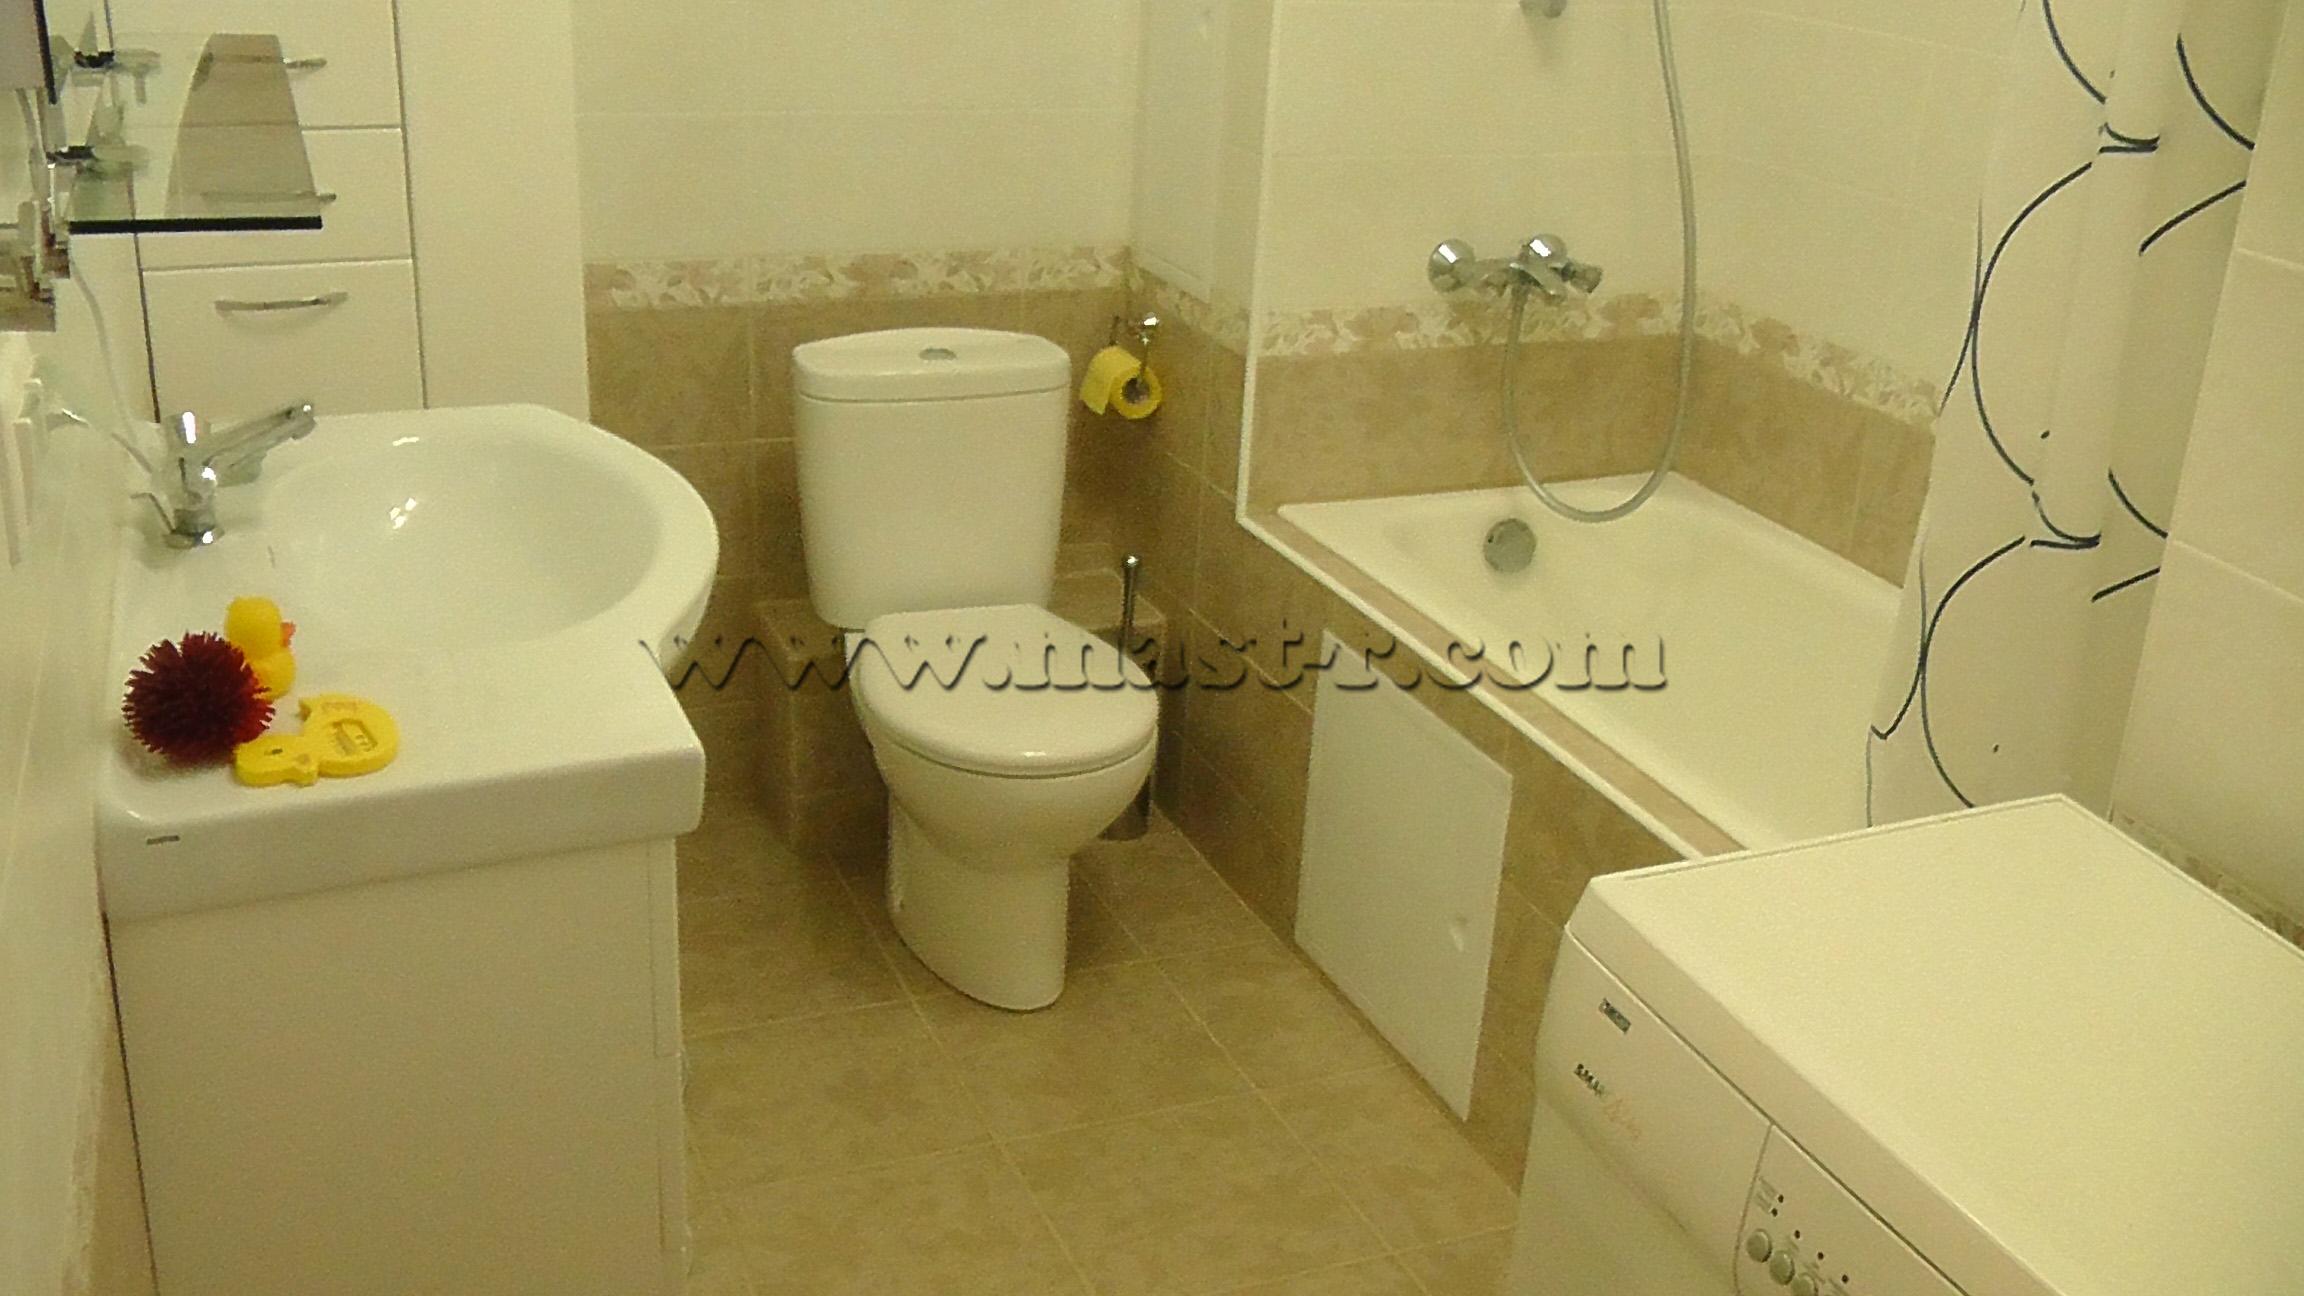 Совмещение туалета и ванной комнаты. Ремонт своими руками